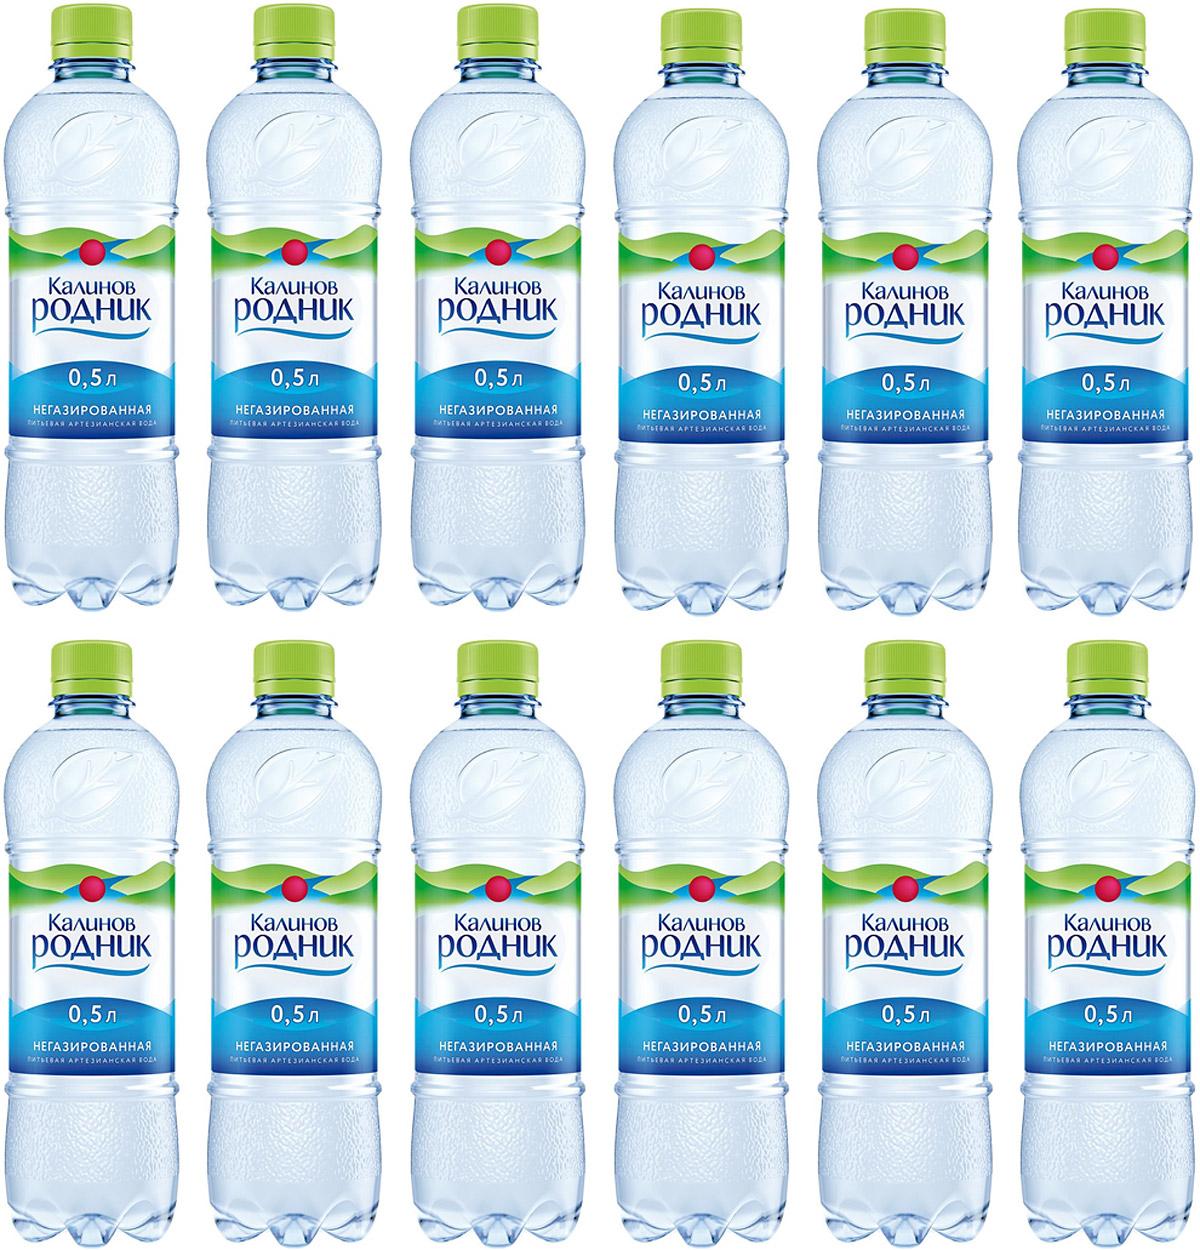 Калинов Родник вода питьевая артезианская негазированная, 12 шт по 0,5 л0120710Чистая от природы и бережно сохраненная на современном производстве минеральная артезианская вода Калинов Родник – бесспорный эталон качества. Калинов родник - это удобная в использовании, по-настоящему вкусная и полезная вода. Пейте и получайте удовольствие!